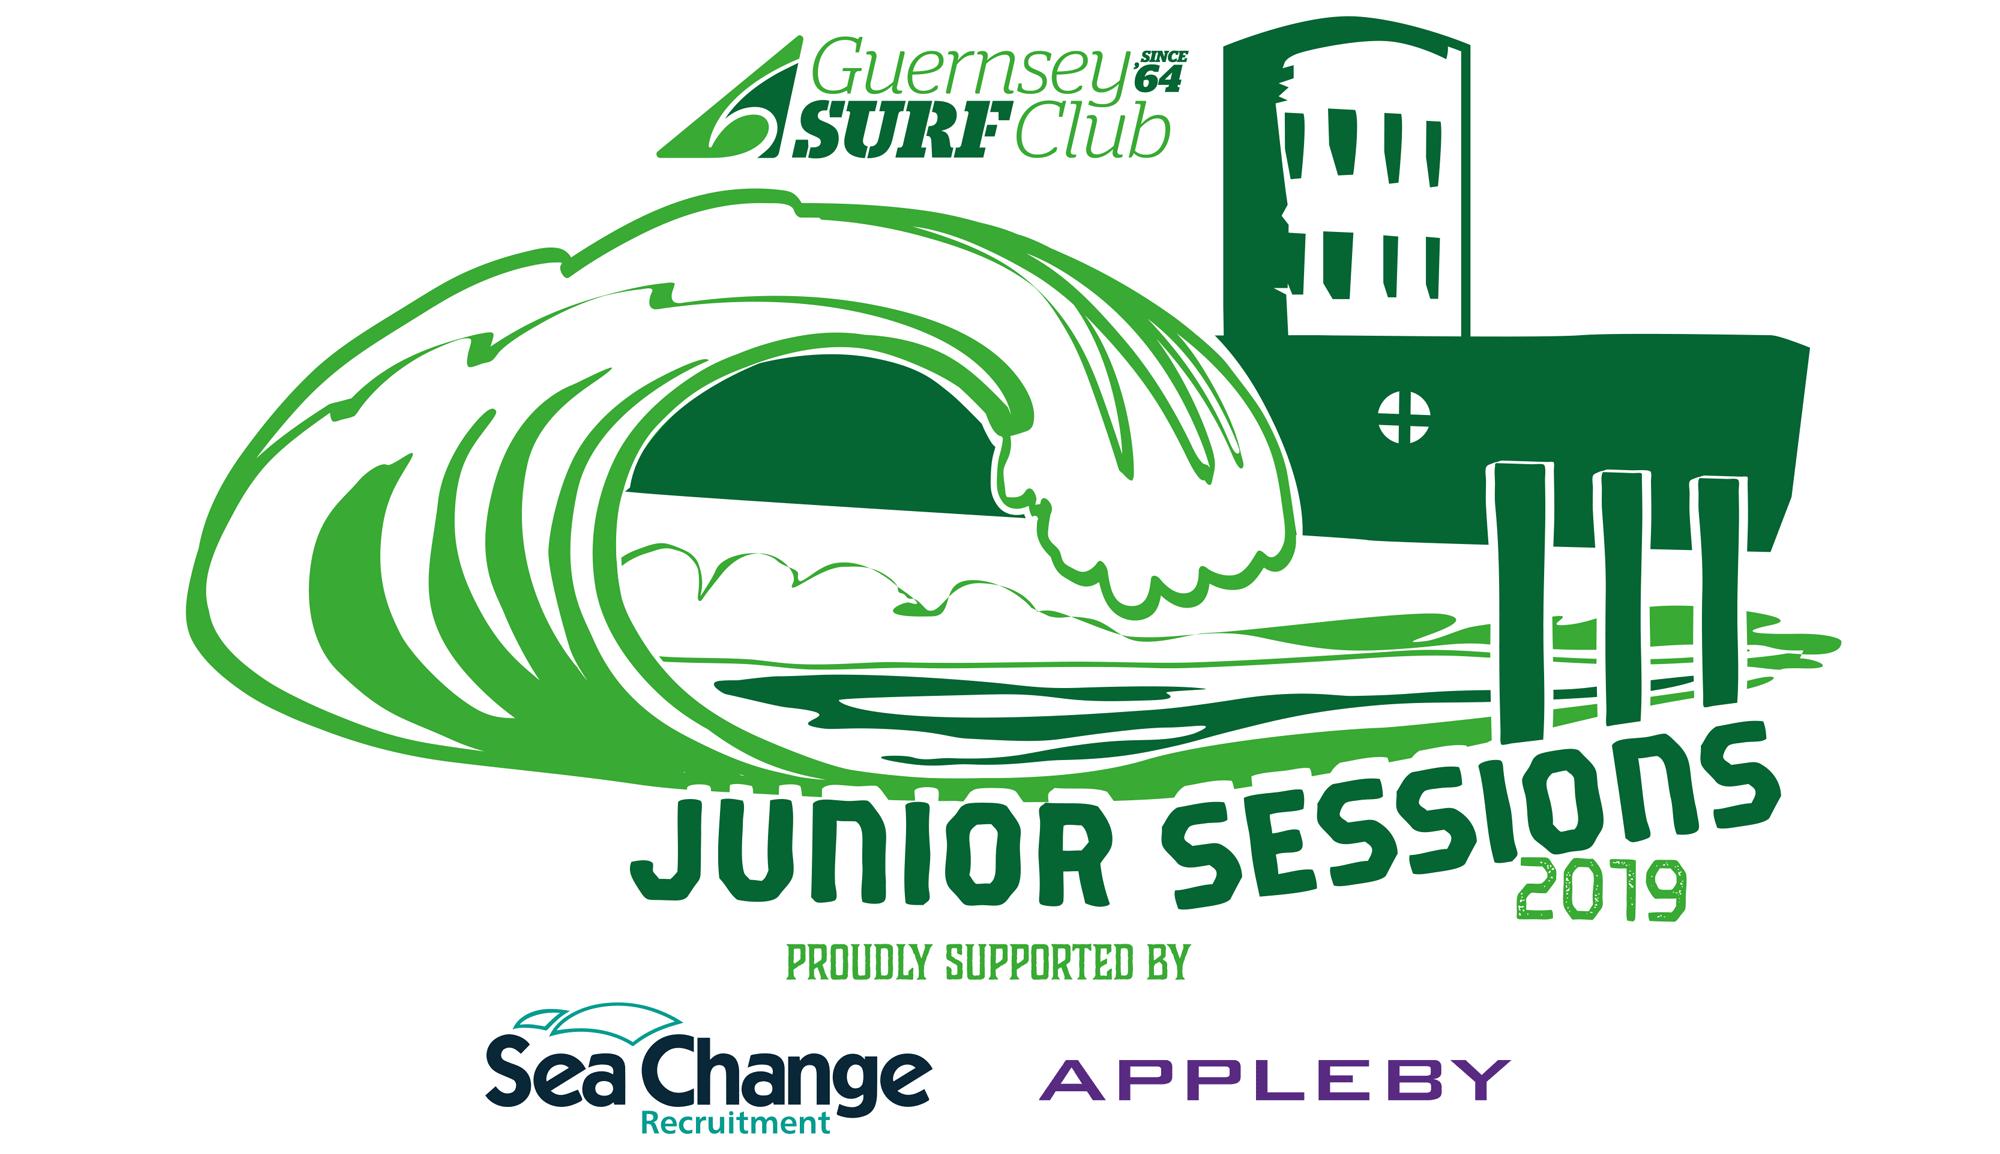 Junior Sessions 2019